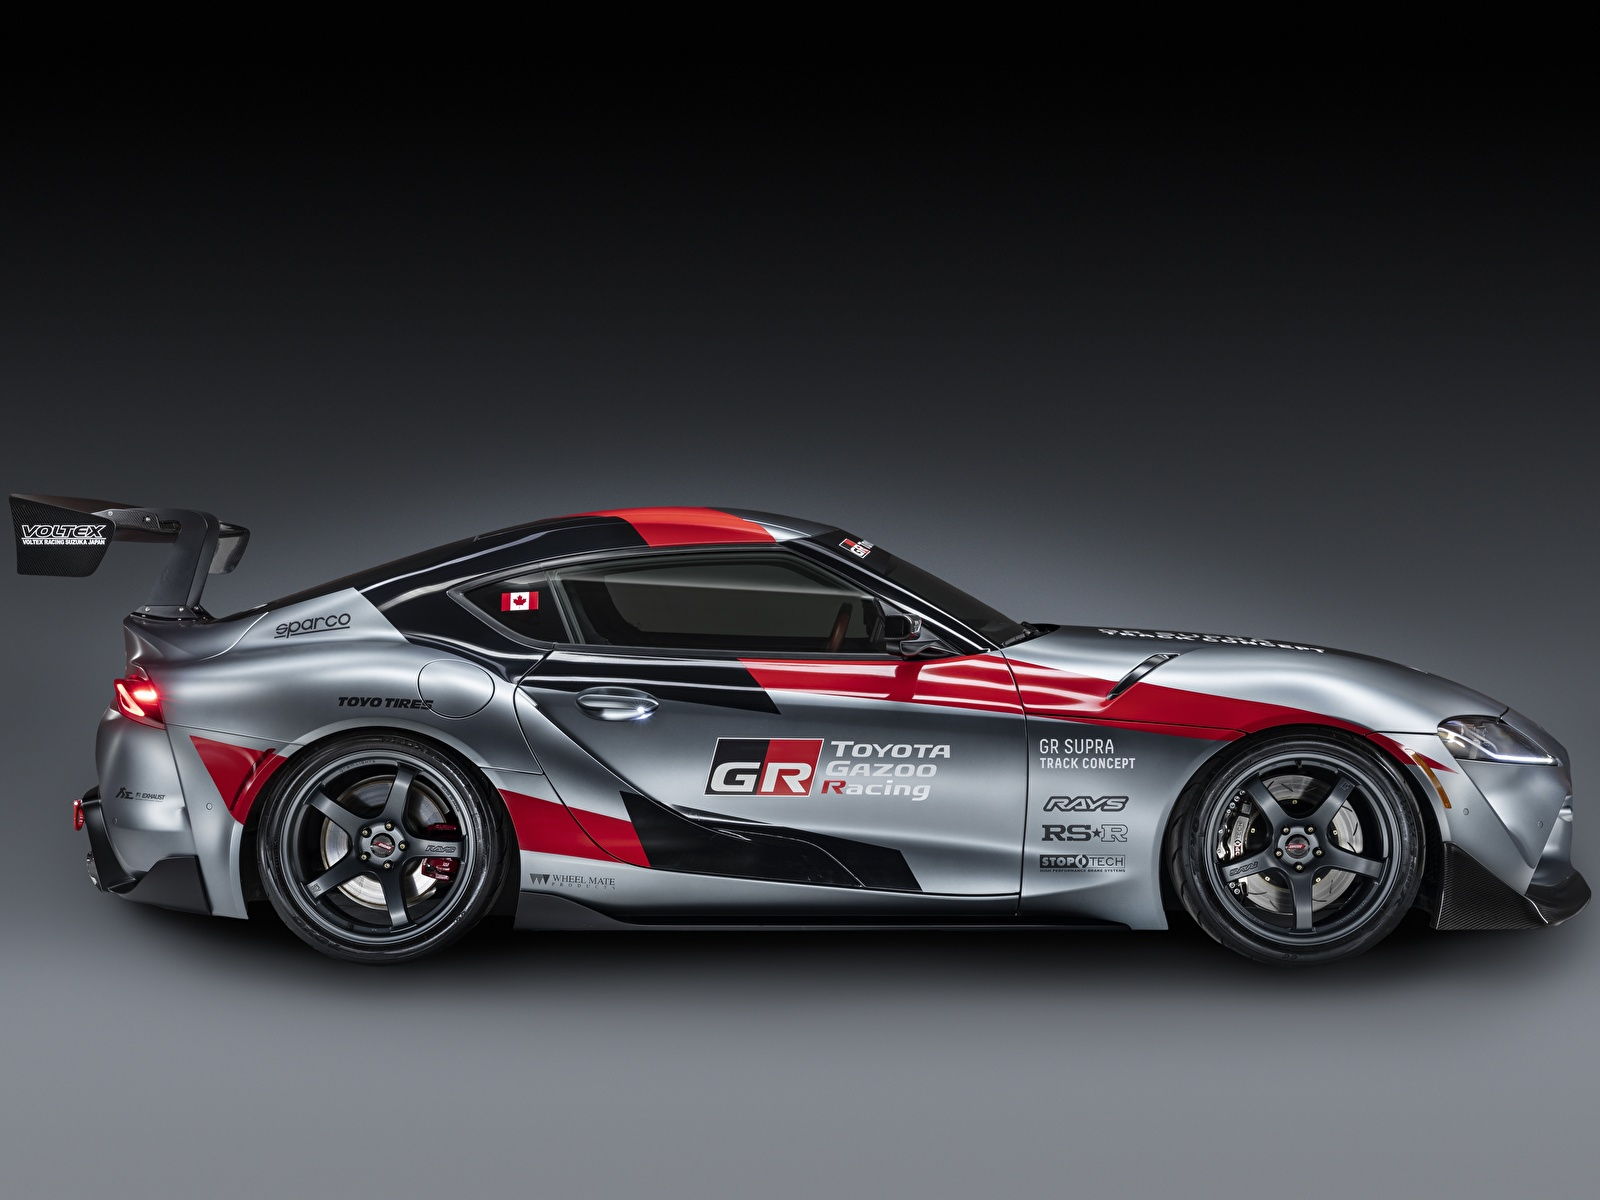 Обои для рабочего стола Тойота GR Supra Track Concept, 2020 Купе Серый авто Сбоку 1600x1200 Toyota серая серые машина машины Автомобили автомобиль